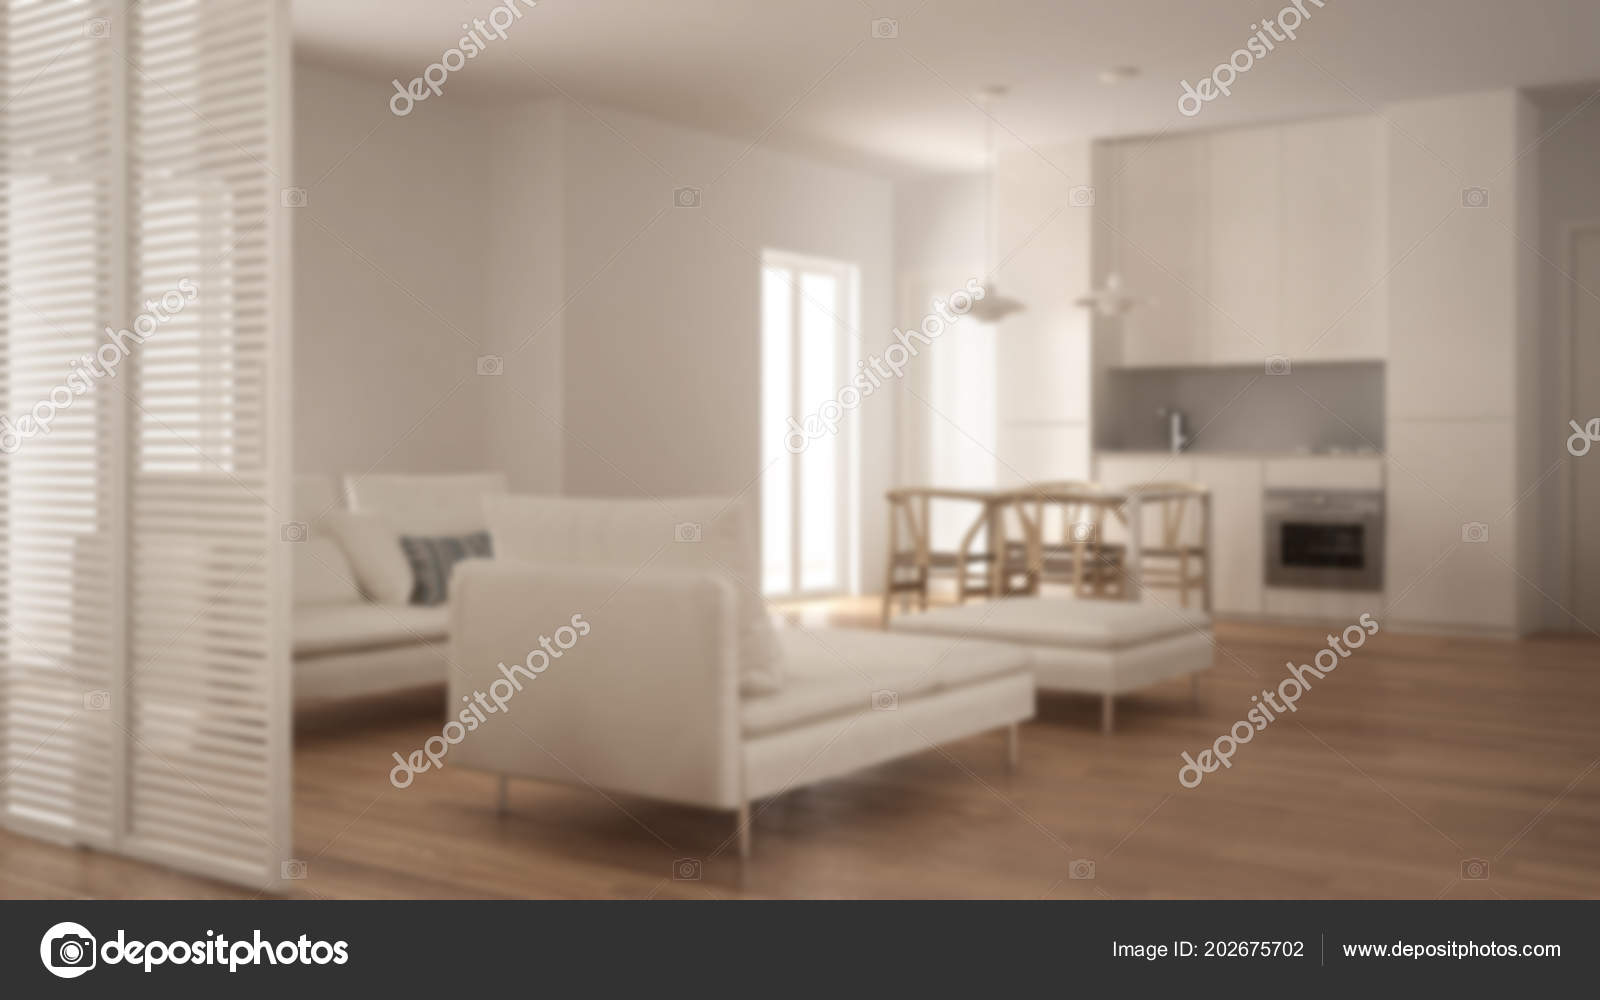 Interieur Design Woonkamer : Design interieur eettafel eettafels palecek design stoel meubels